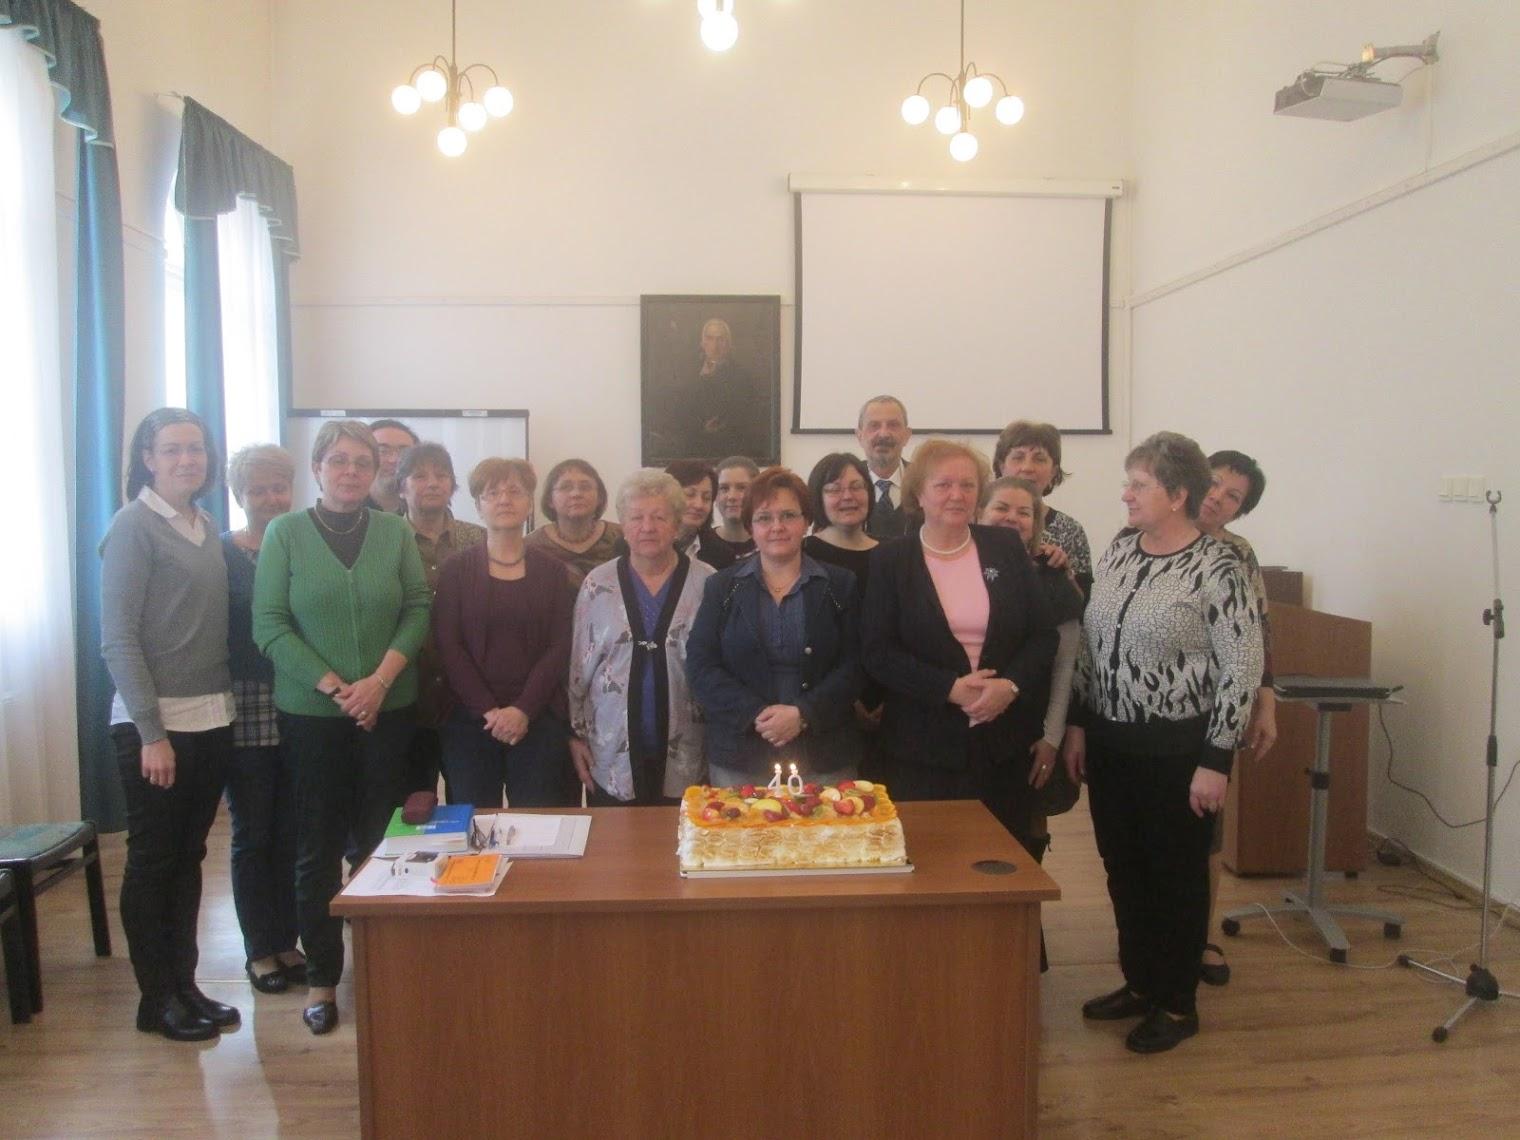 40 éves tortával az egyesület tagsága